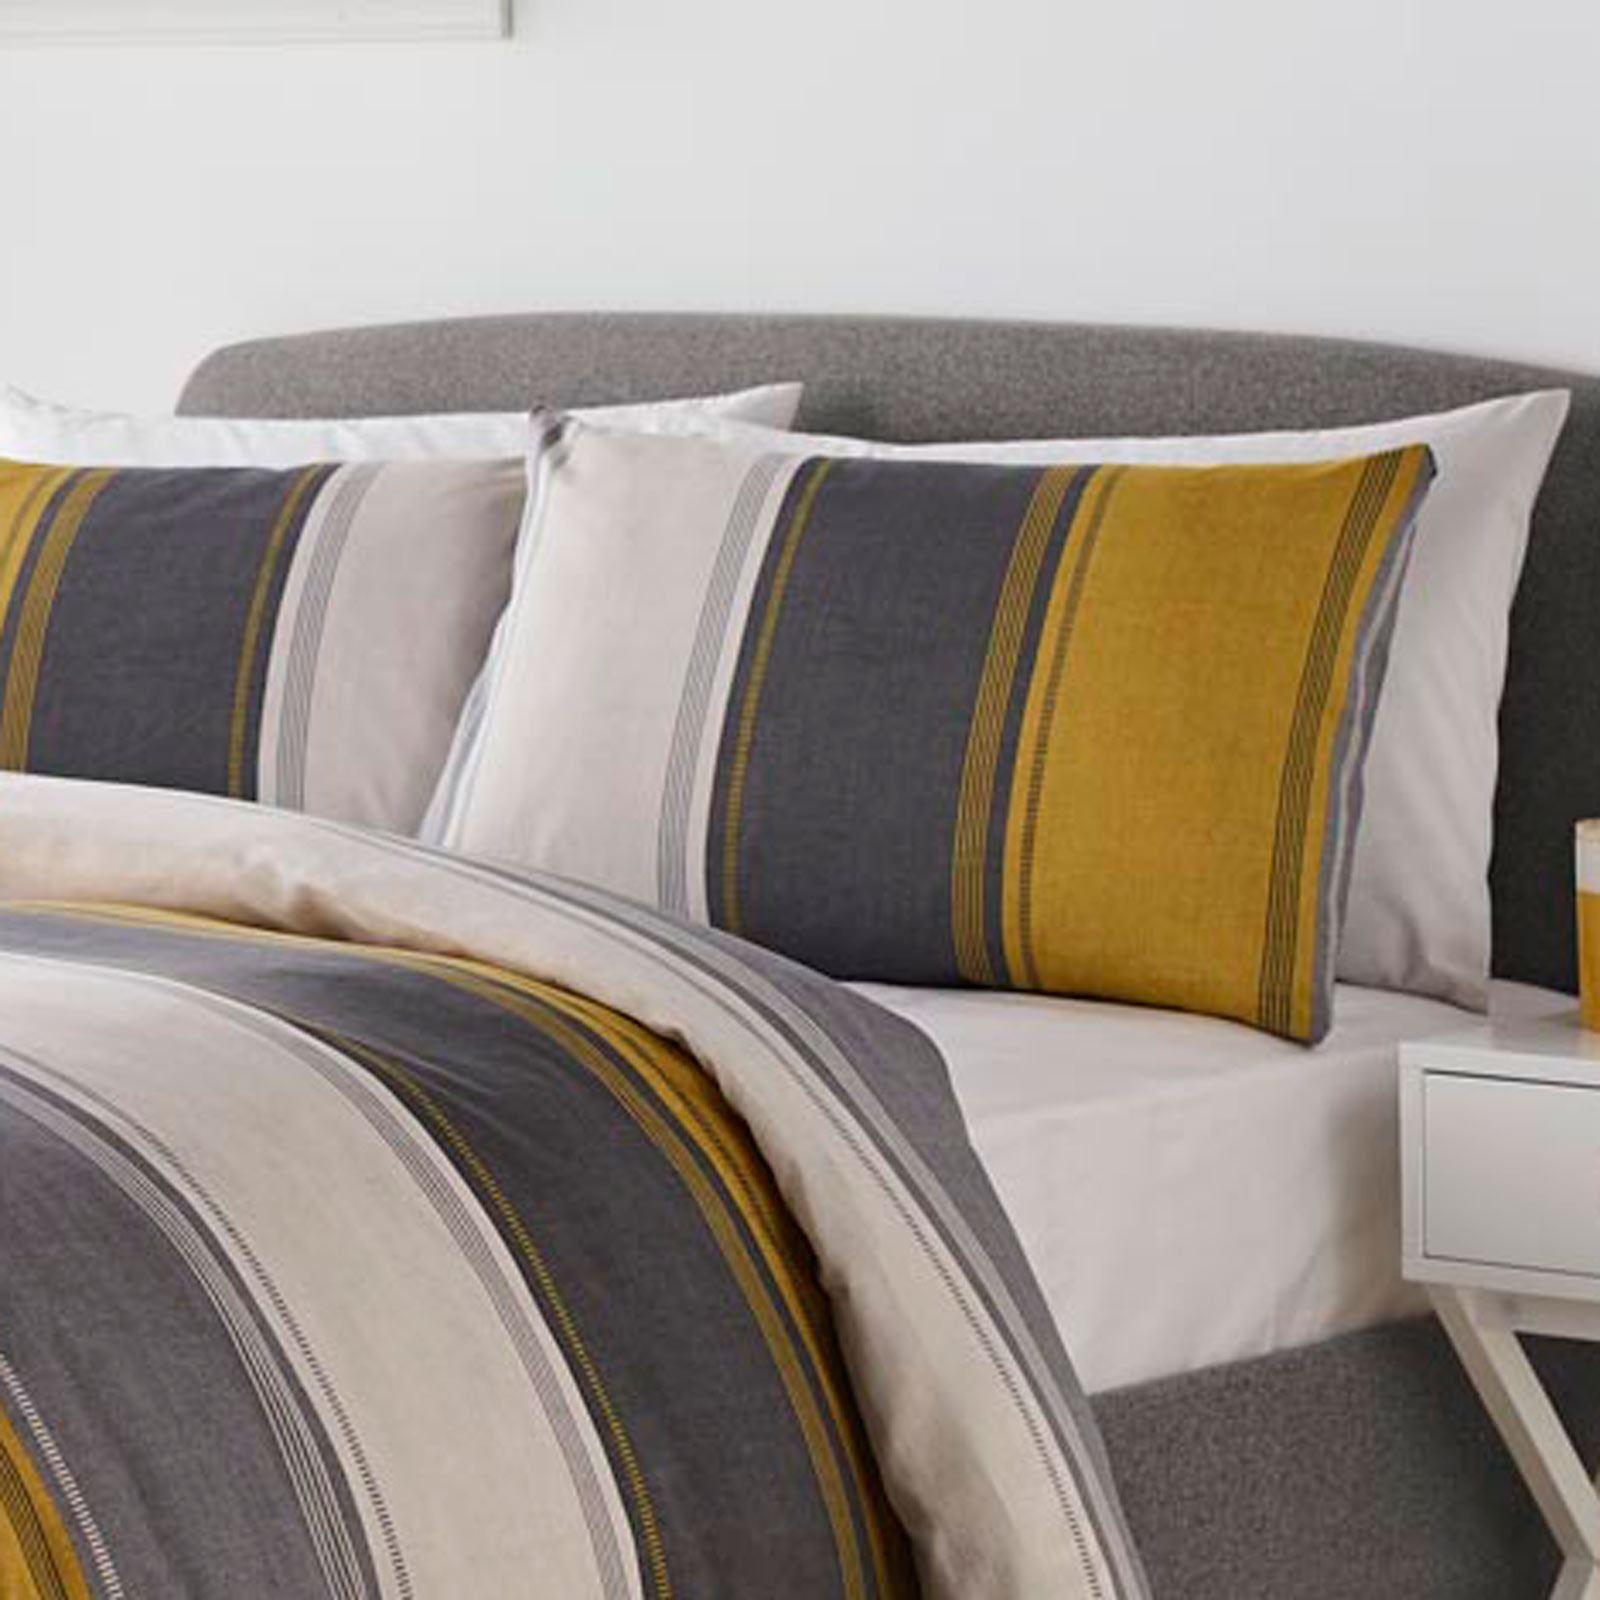 Mostaza-amarillo-ocre-Funda-de-edredon-impreso-Edredon-juego-ropa-de-cama-cubre-conjuntos miniatura 10